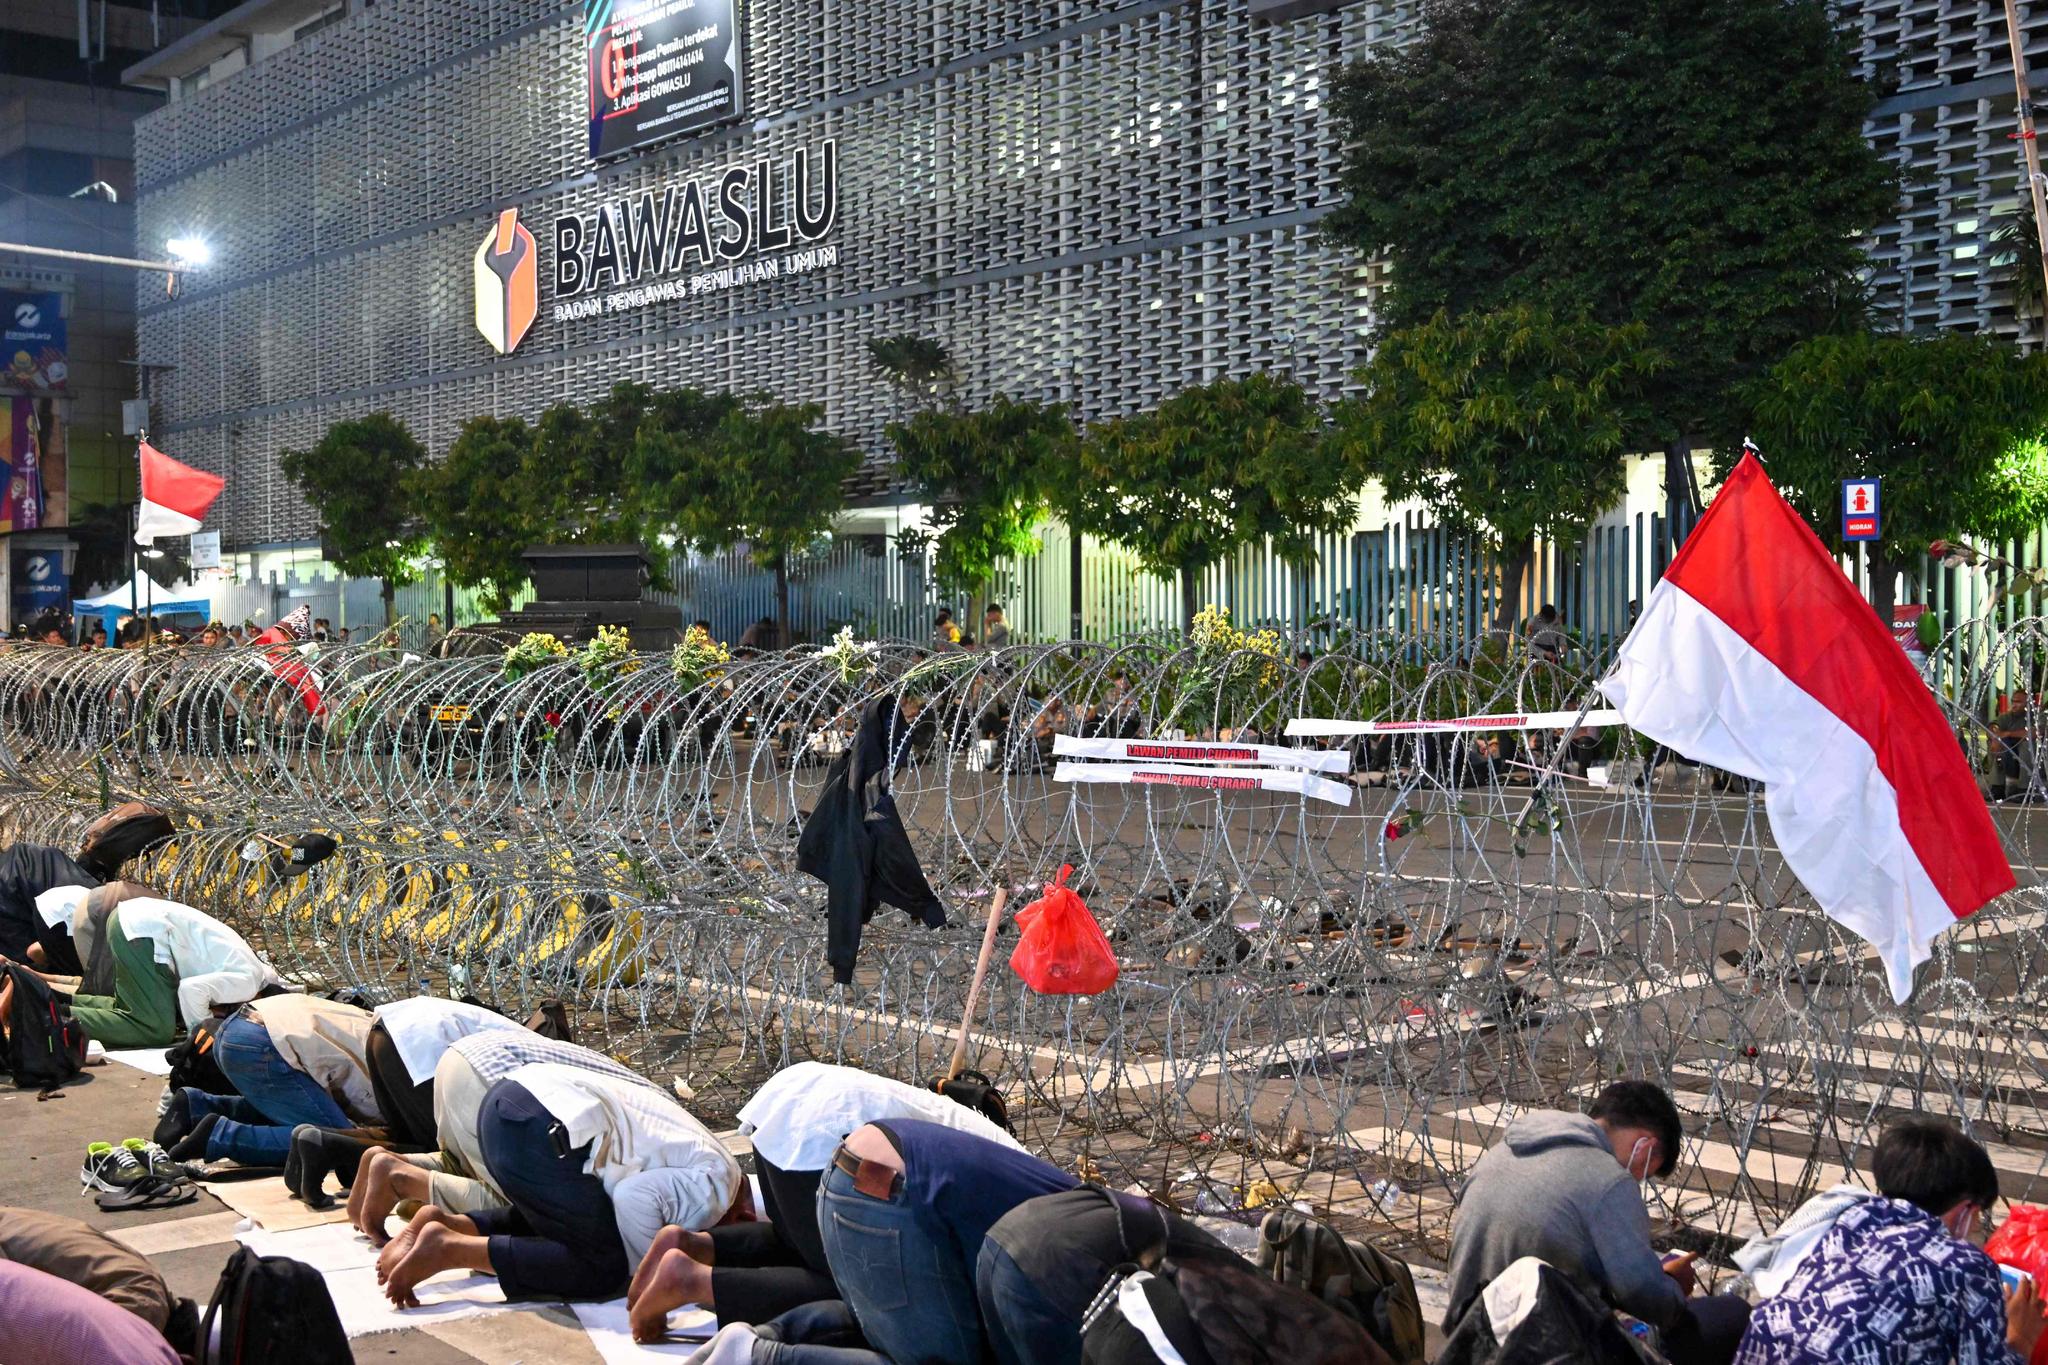 대선 결과 불복 시위에 참가한 무슬림이 21일(현지시간) 인도네시아 자카르타 선거감독위원회 앞에서 기도를 하고 있다.[AFP=연합뉴스]